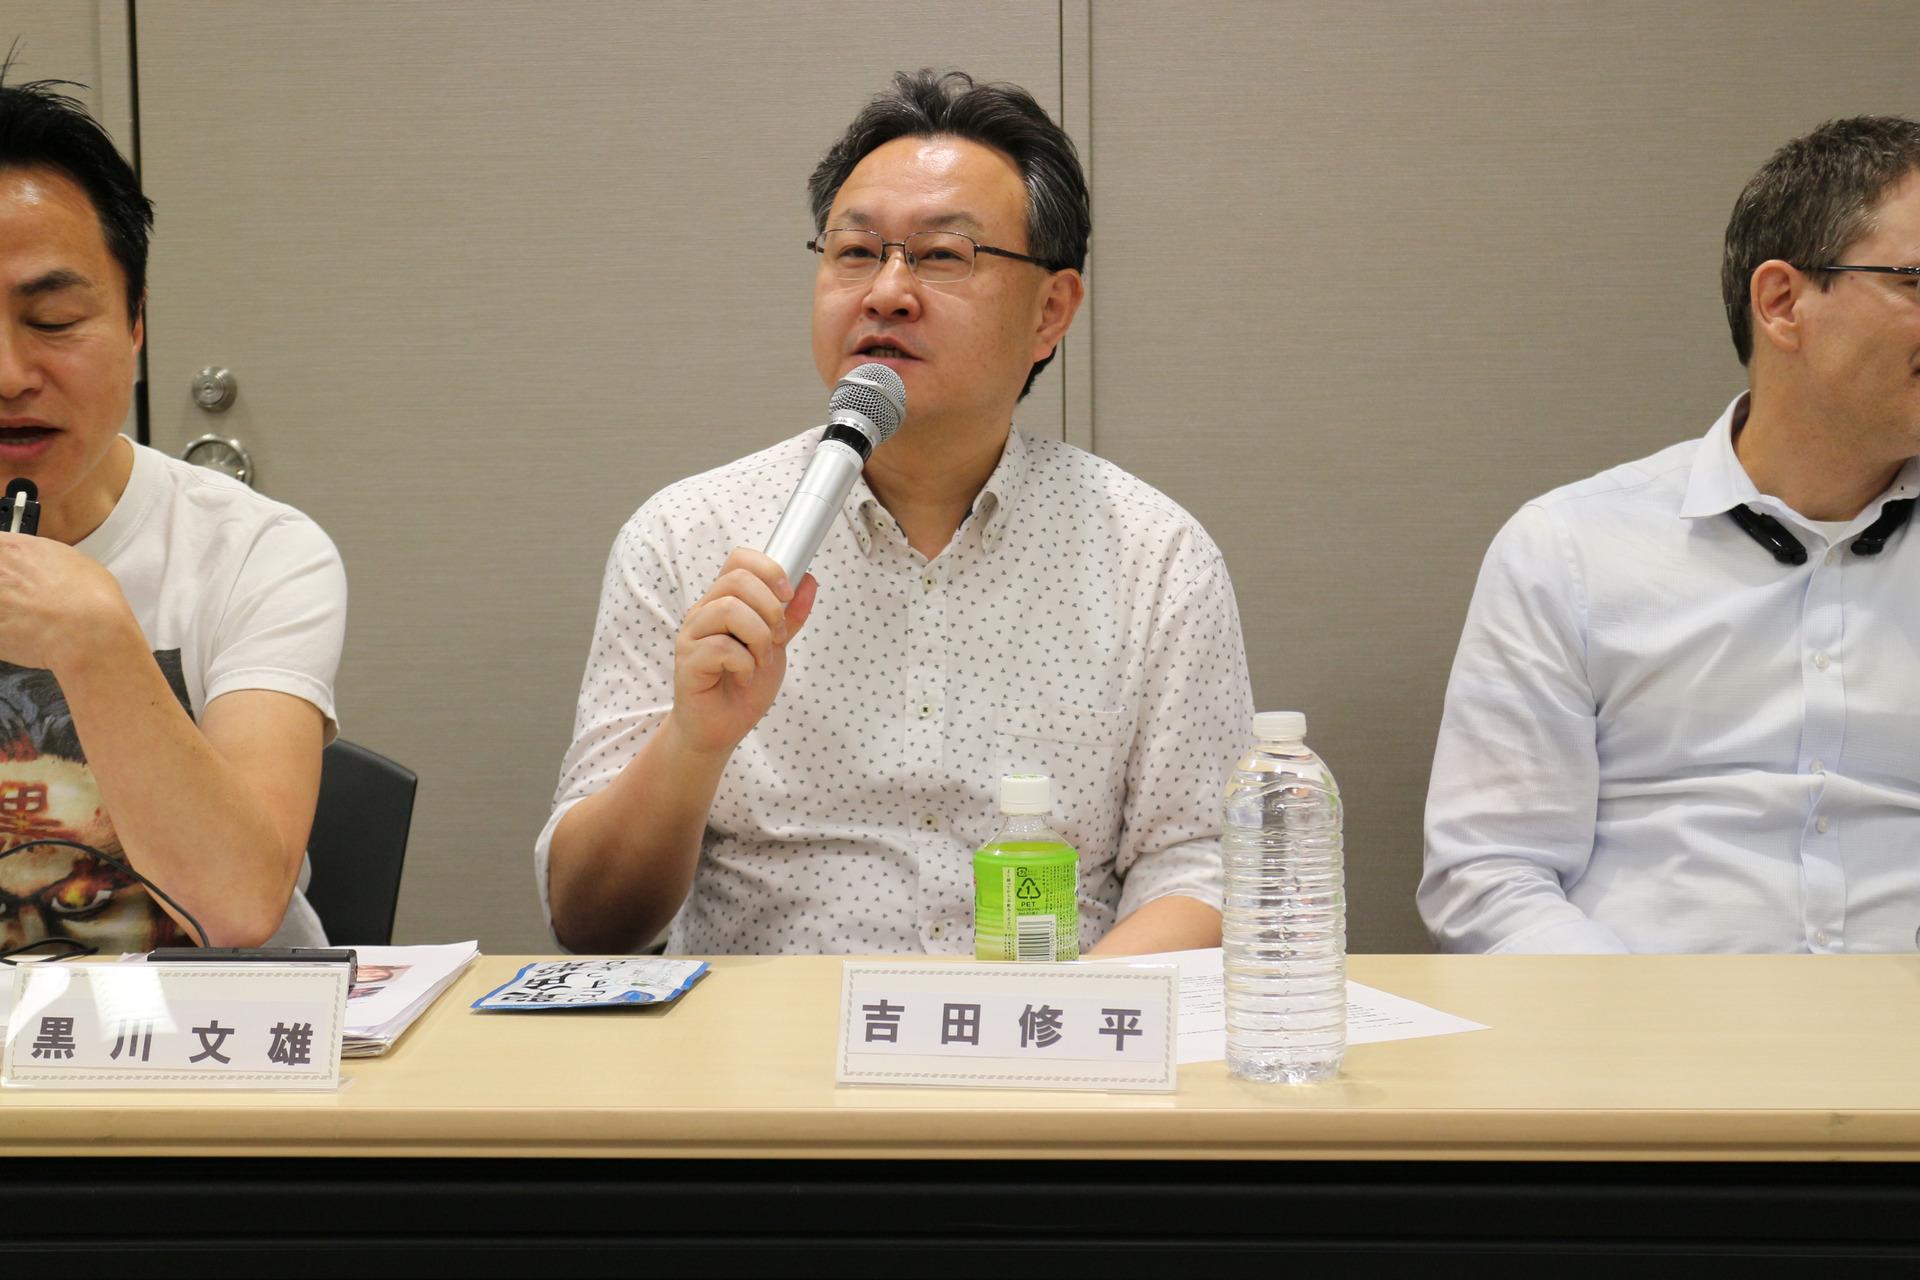 """吉田氏は議論のまとめとして""""良いVR体験を届けるんだという気概""""をVRクリエイター全体に求めた"""